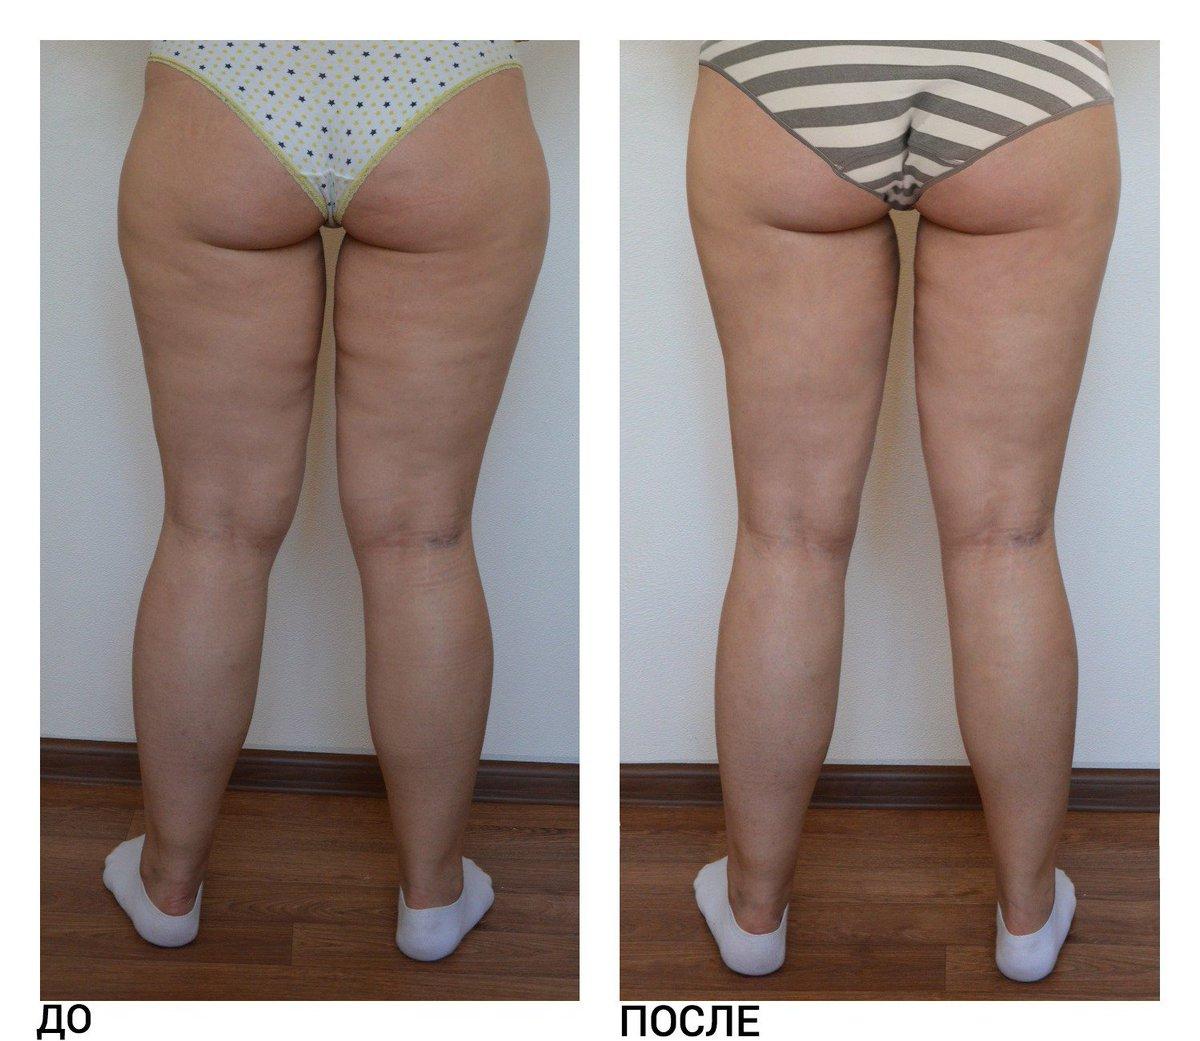 Процедуры Для Похудения В Бедрах. Рецепты обертываний ног для похудения - самые эффективные в домашних условиях и салонах